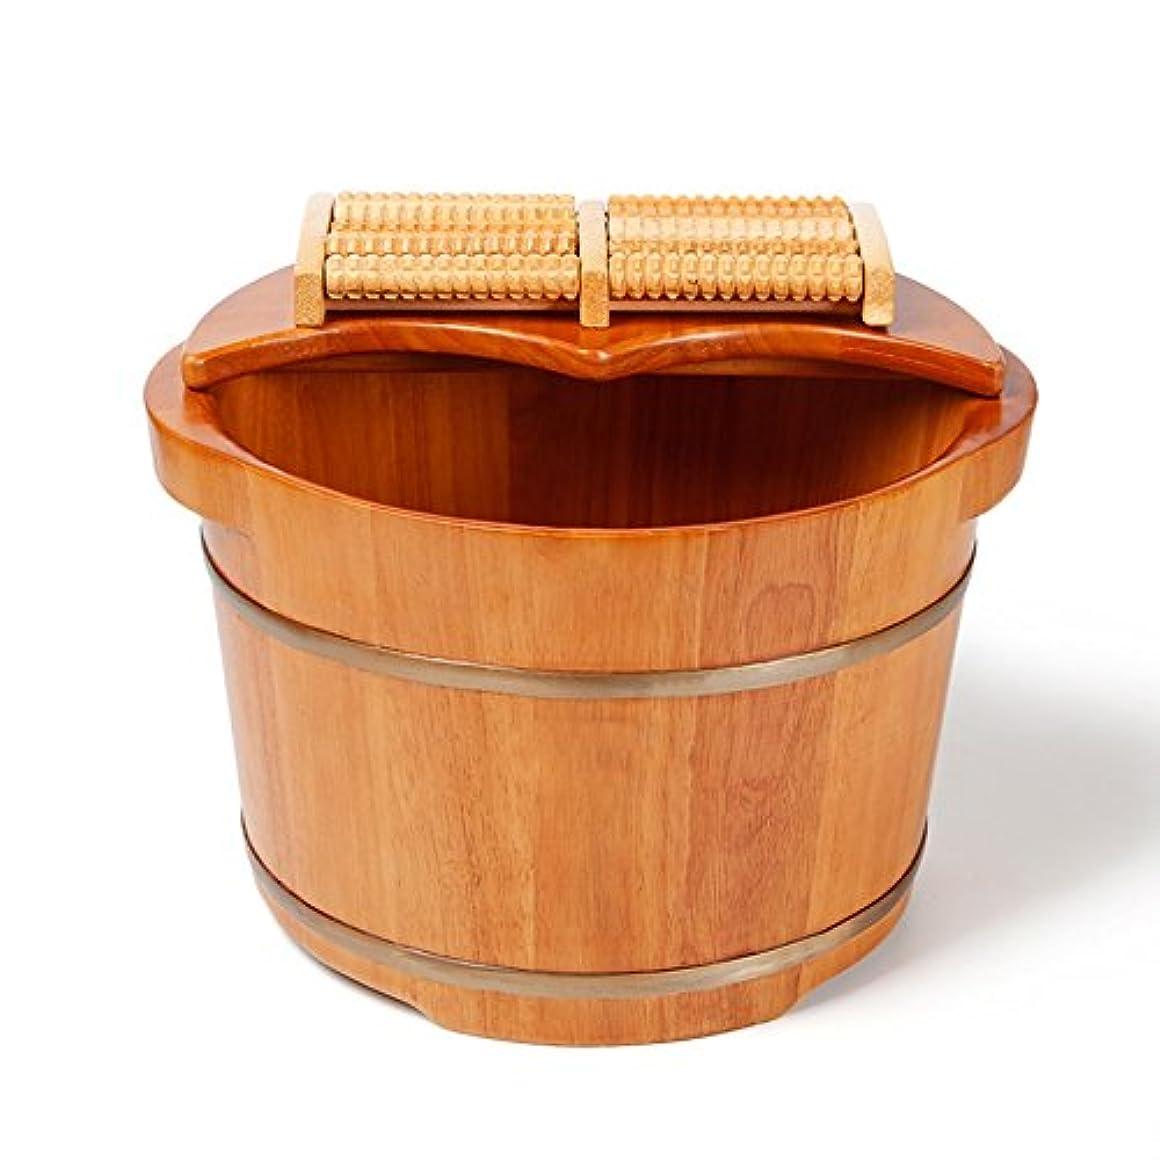 エレベーター初期の会社C&L 足の浴槽、木製の足の洗面器足のバレルの足のマッサージの足の洗面器カバーの足の浴槽38 * 31 * 26cm ( サイズ さいず : 38*31*26cm )